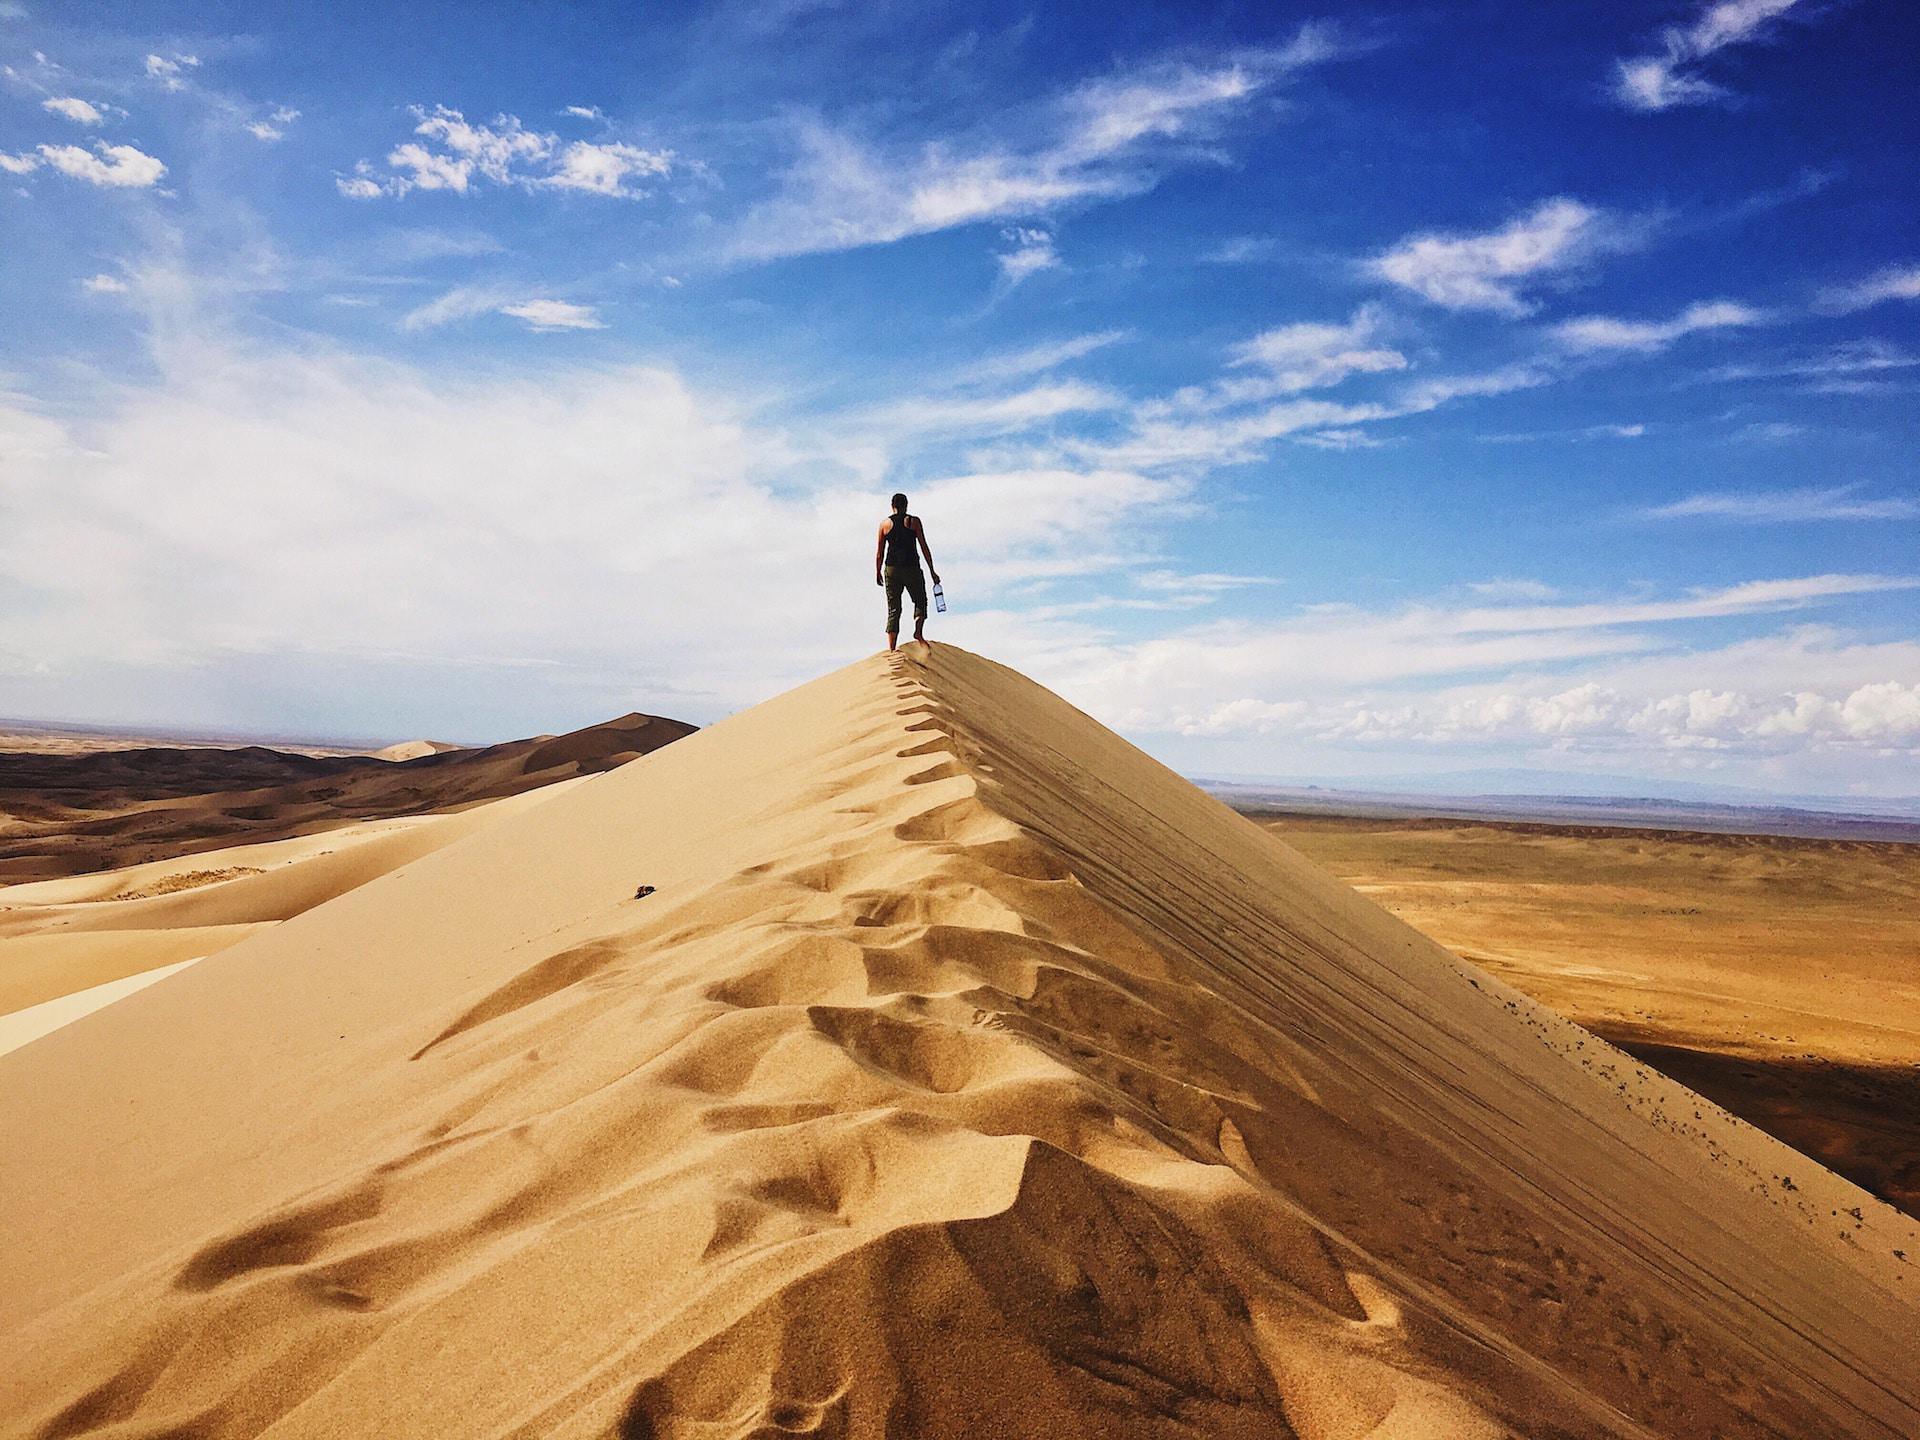 dune_desert_woman